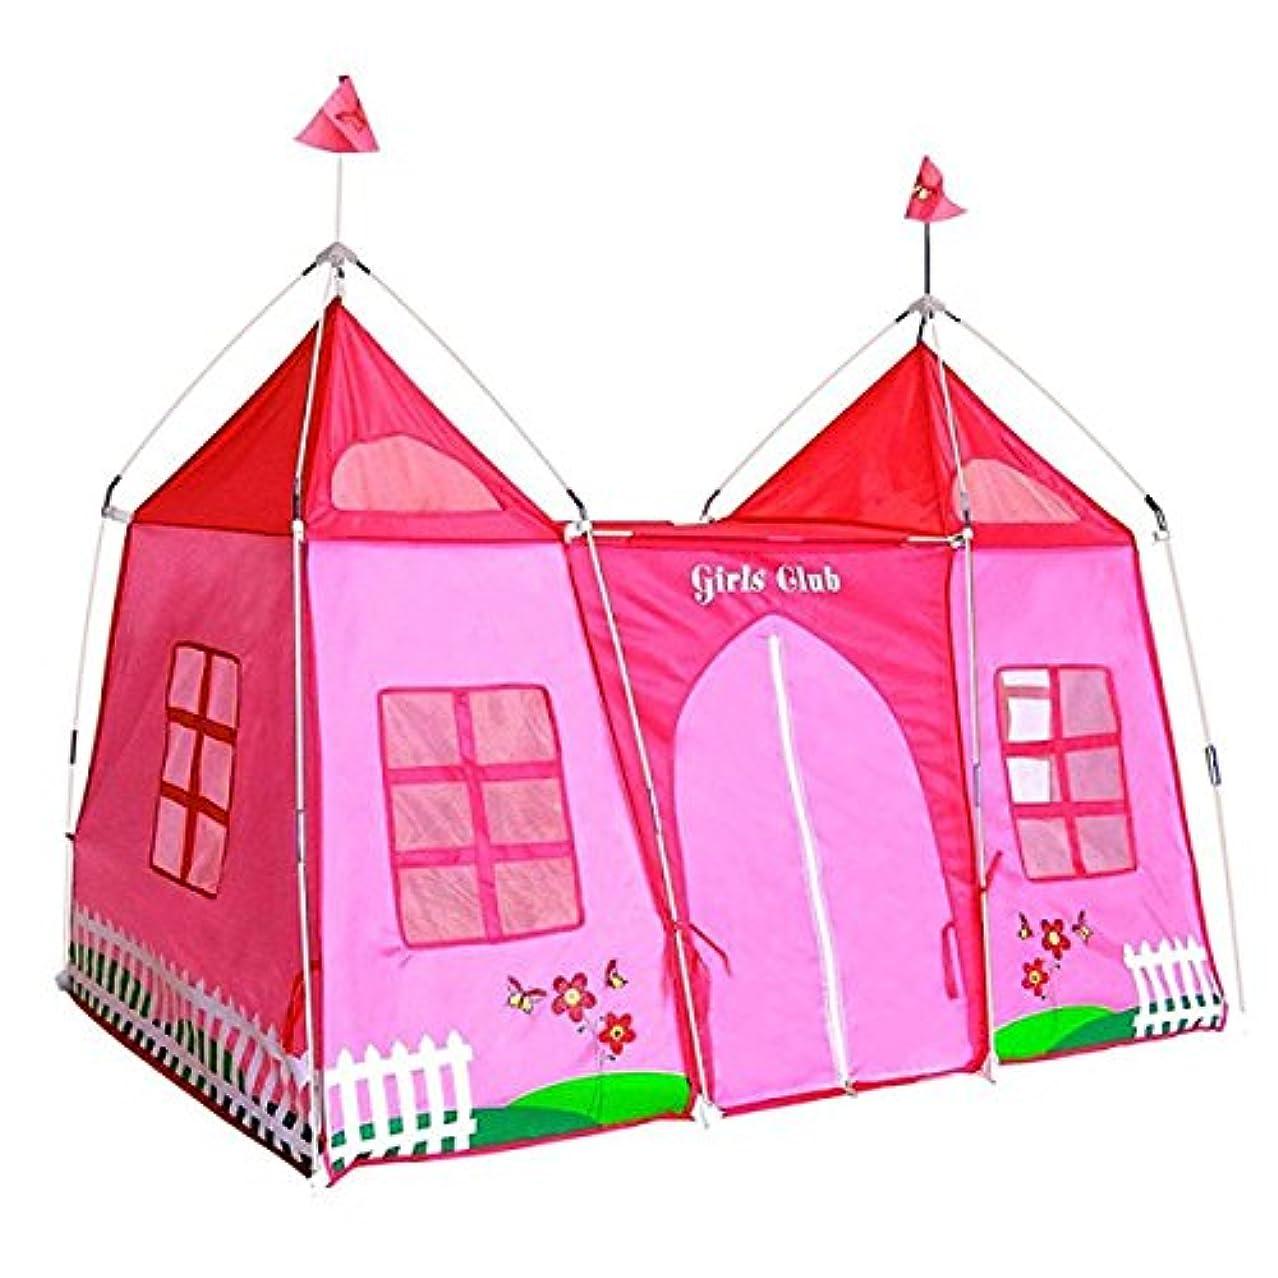 疑い者くつろぐ雄弁なLWT 子供の遊びテントキャッスルプレイハウス折りたたみ可能な屋内と屋外の装飾アンチモスキー(ピンク70.9 * 45.7 * 47.2インチのパッキング1)